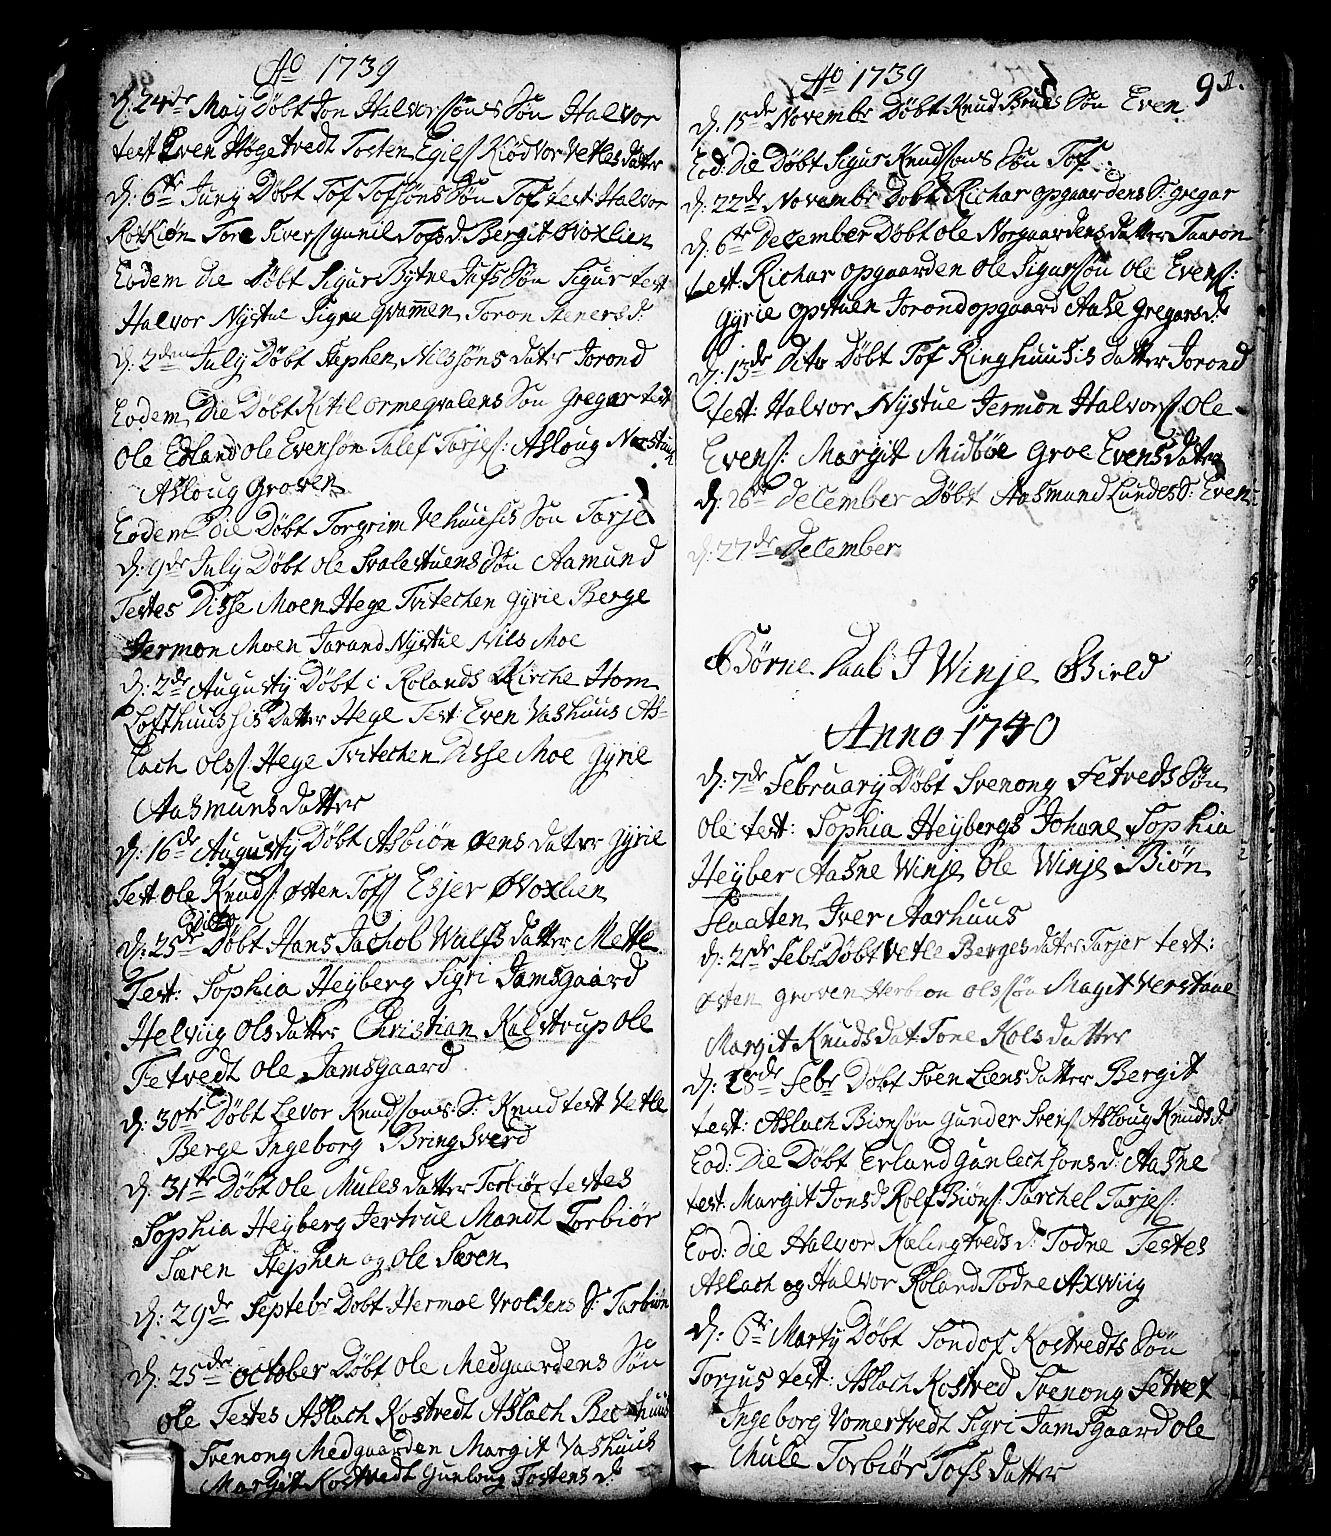 SAKO, Vinje kirkebøker, F/Fa/L0001: Ministerialbok nr. I 1, 1717-1766, s. 91